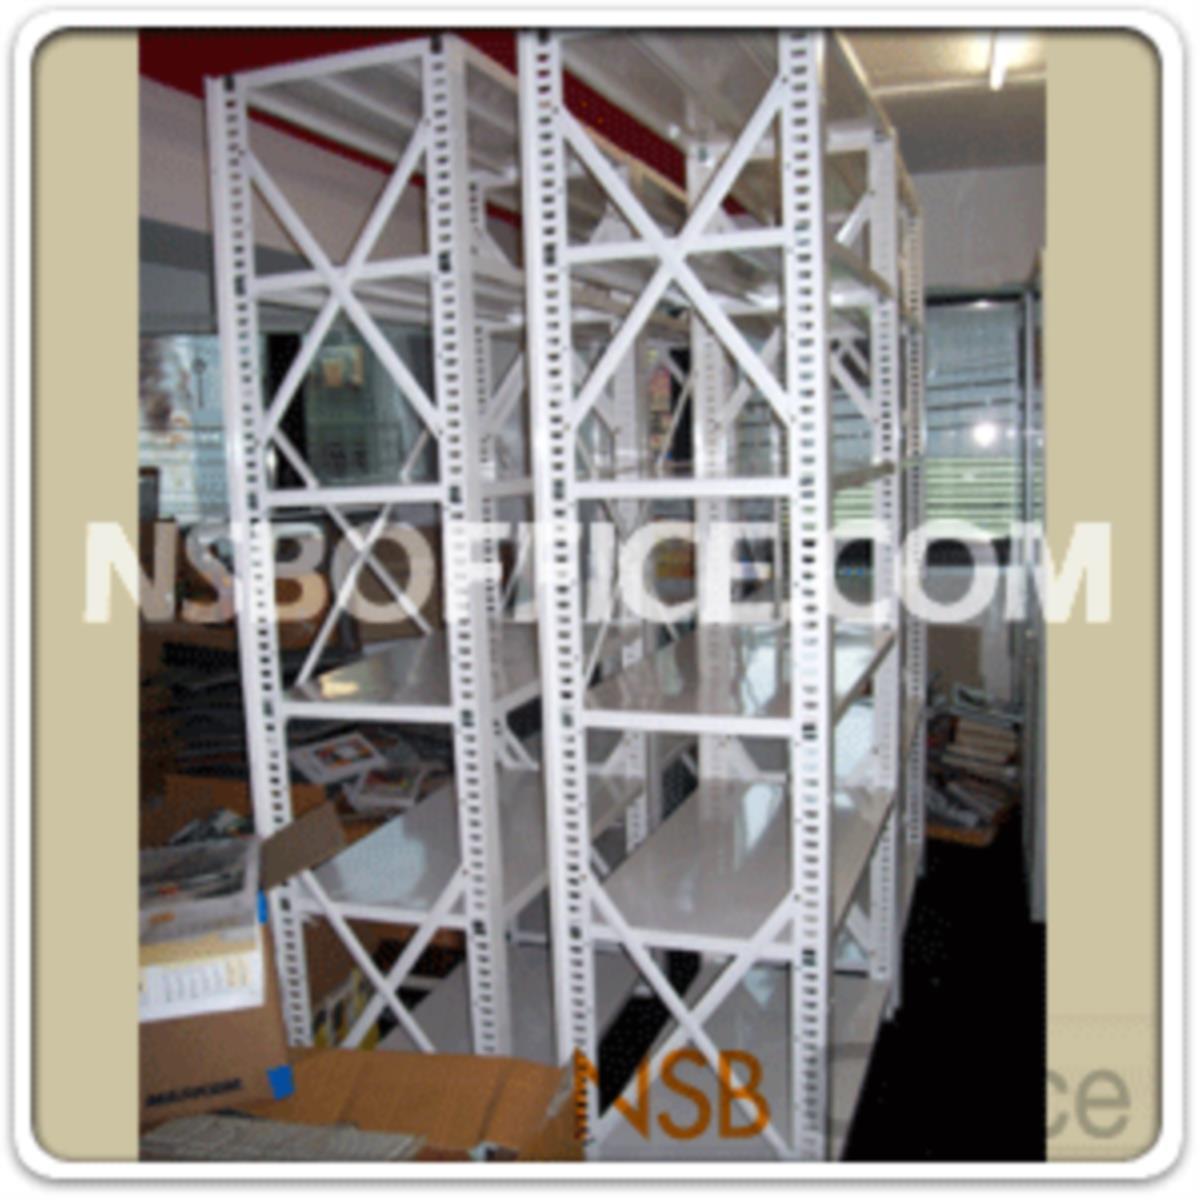 ชั้นเหล็ก MR ขนาด 100W*50D (180H - 240H) cm. ชั้นปรับระดับได้ รับน้ำหนัก 150-200 KG/ชั้น